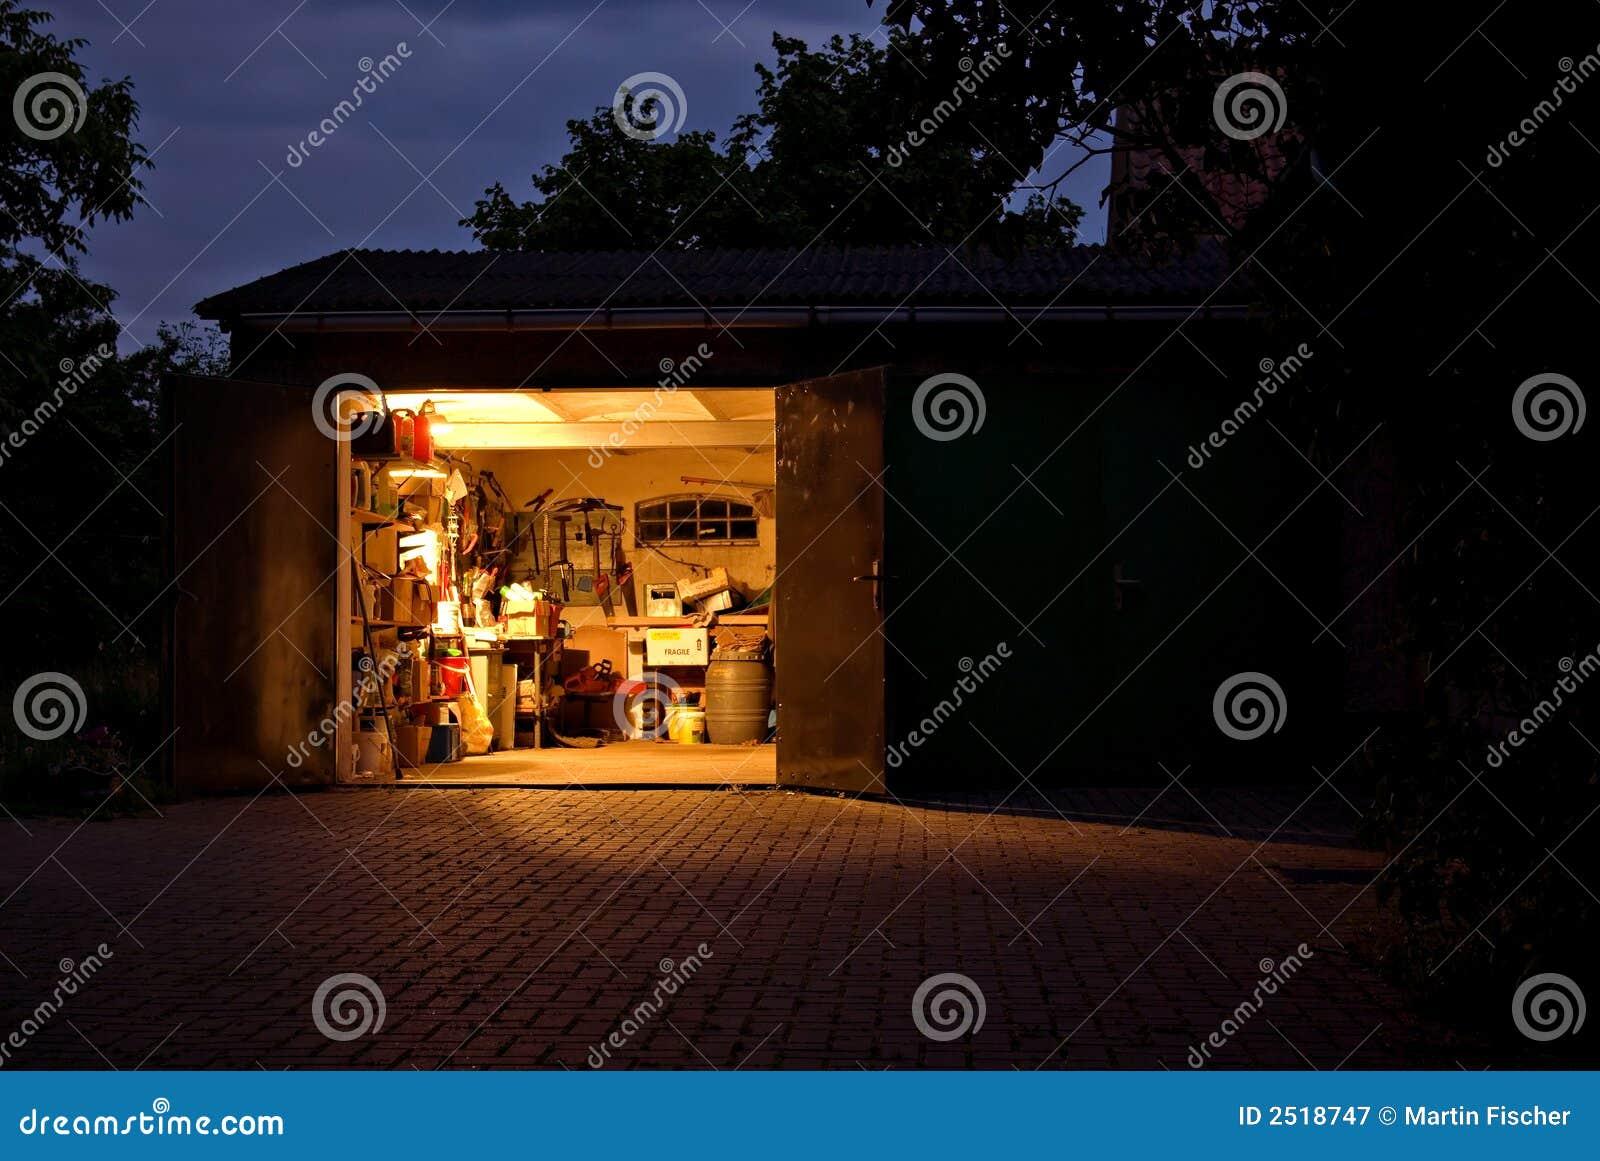 De workshop van de garage bij nacht